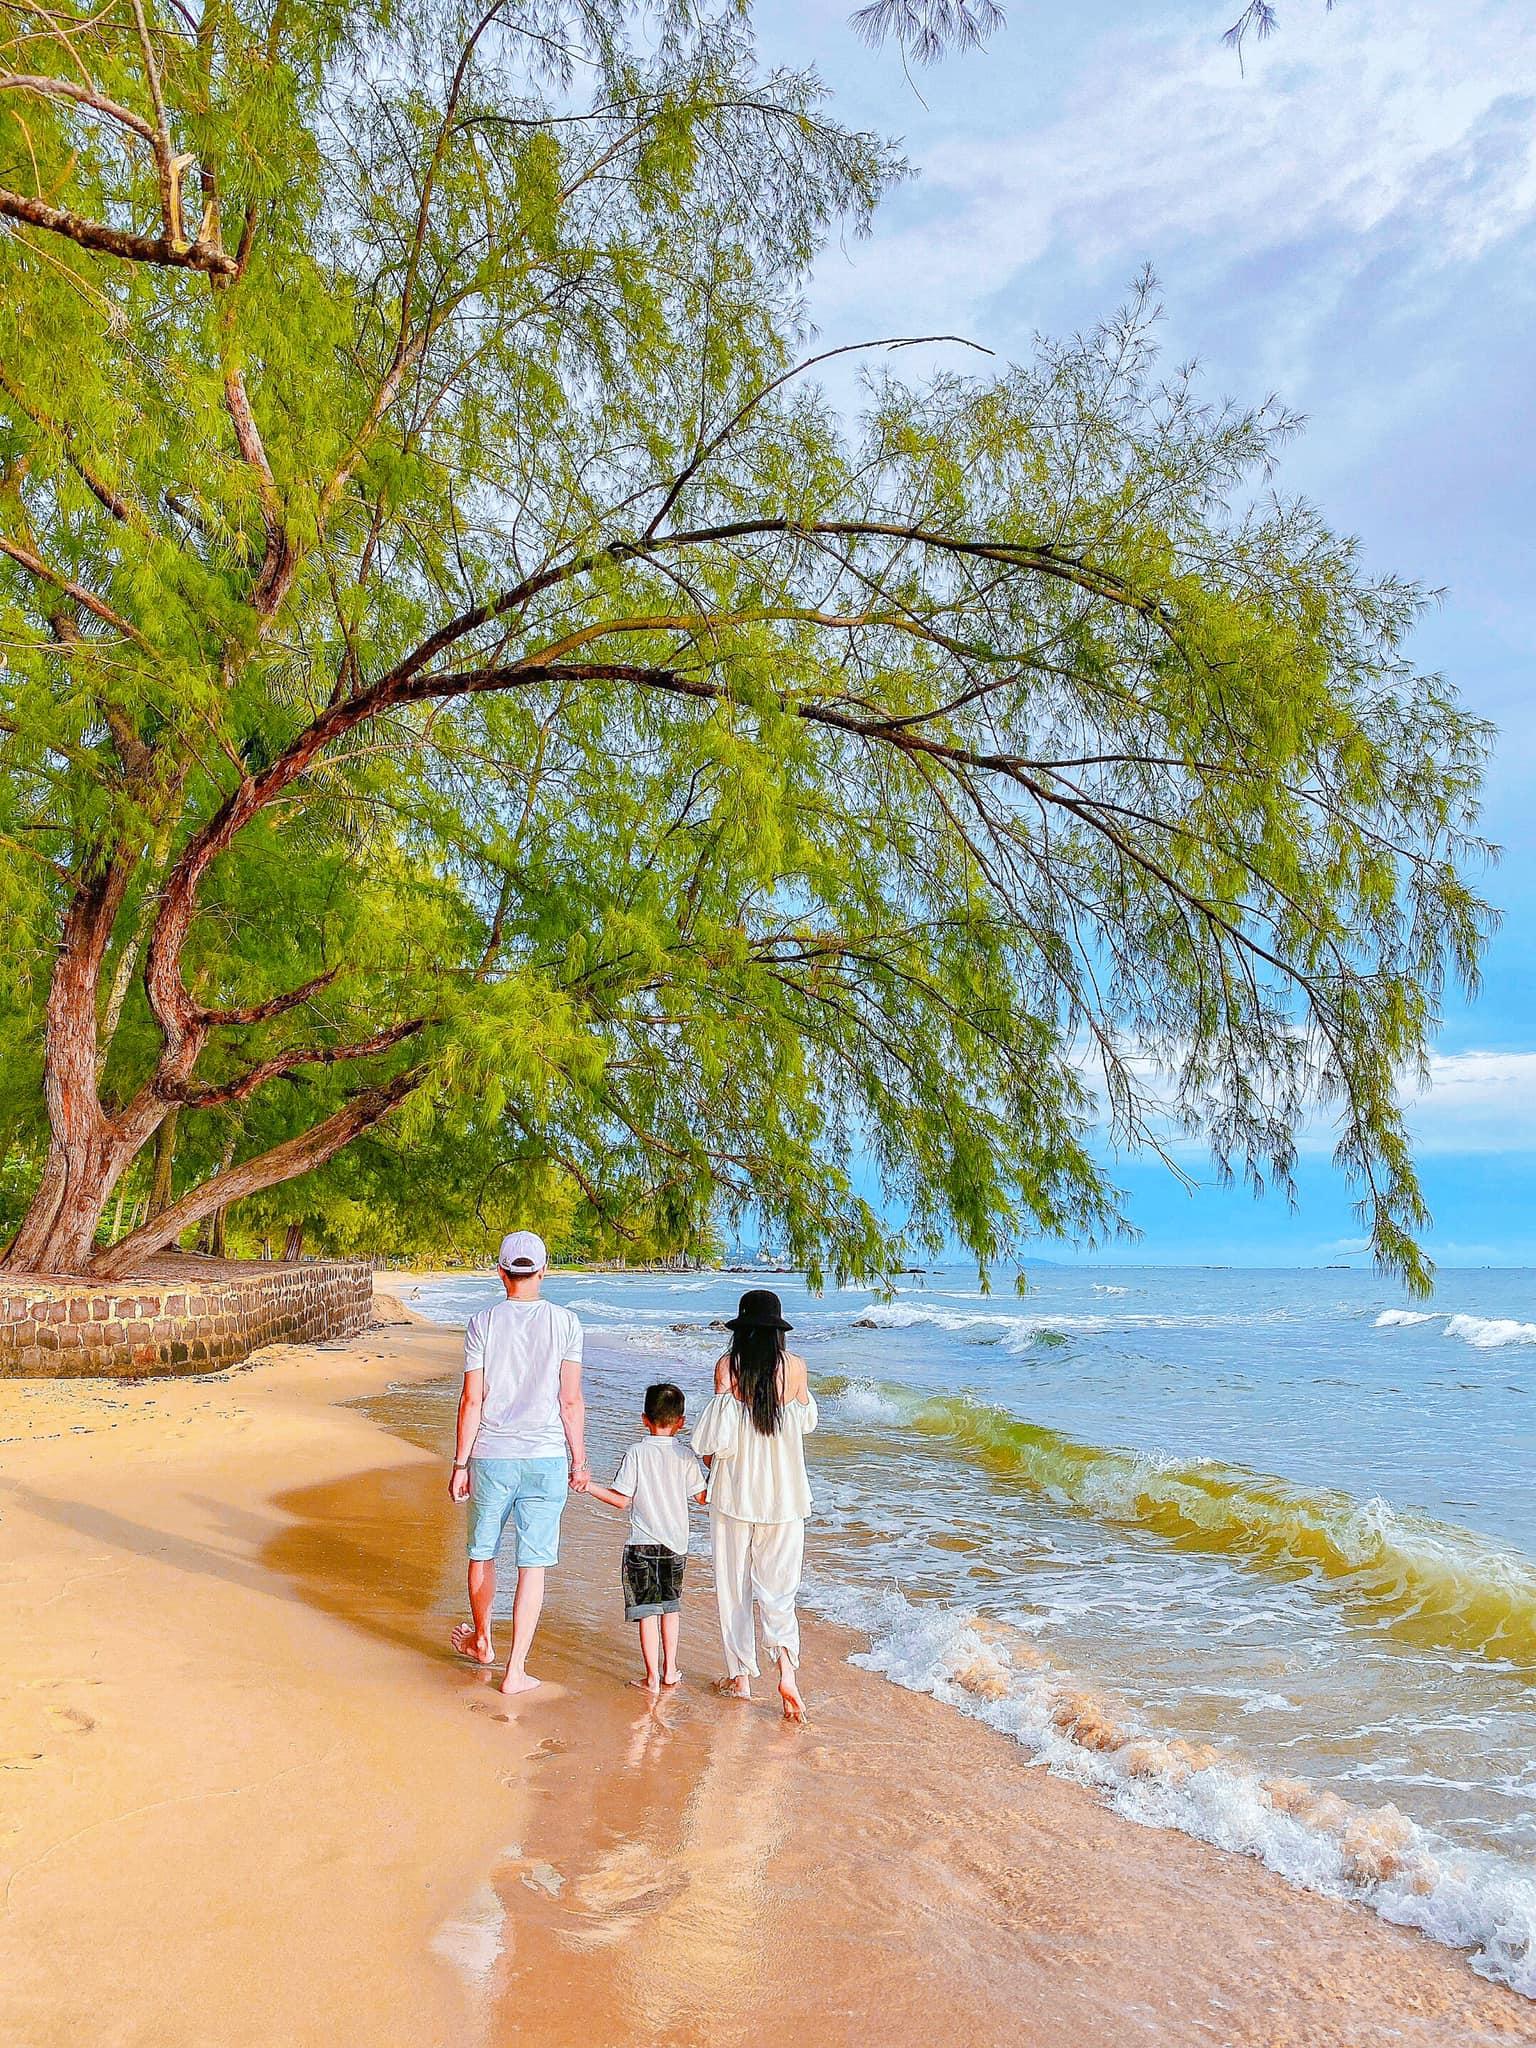 Tour du lịch Phú Quốc khởi hành từ Rạch Giá: Vô vàn ưu đãi trong dịp hè này  - Ảnh 15.